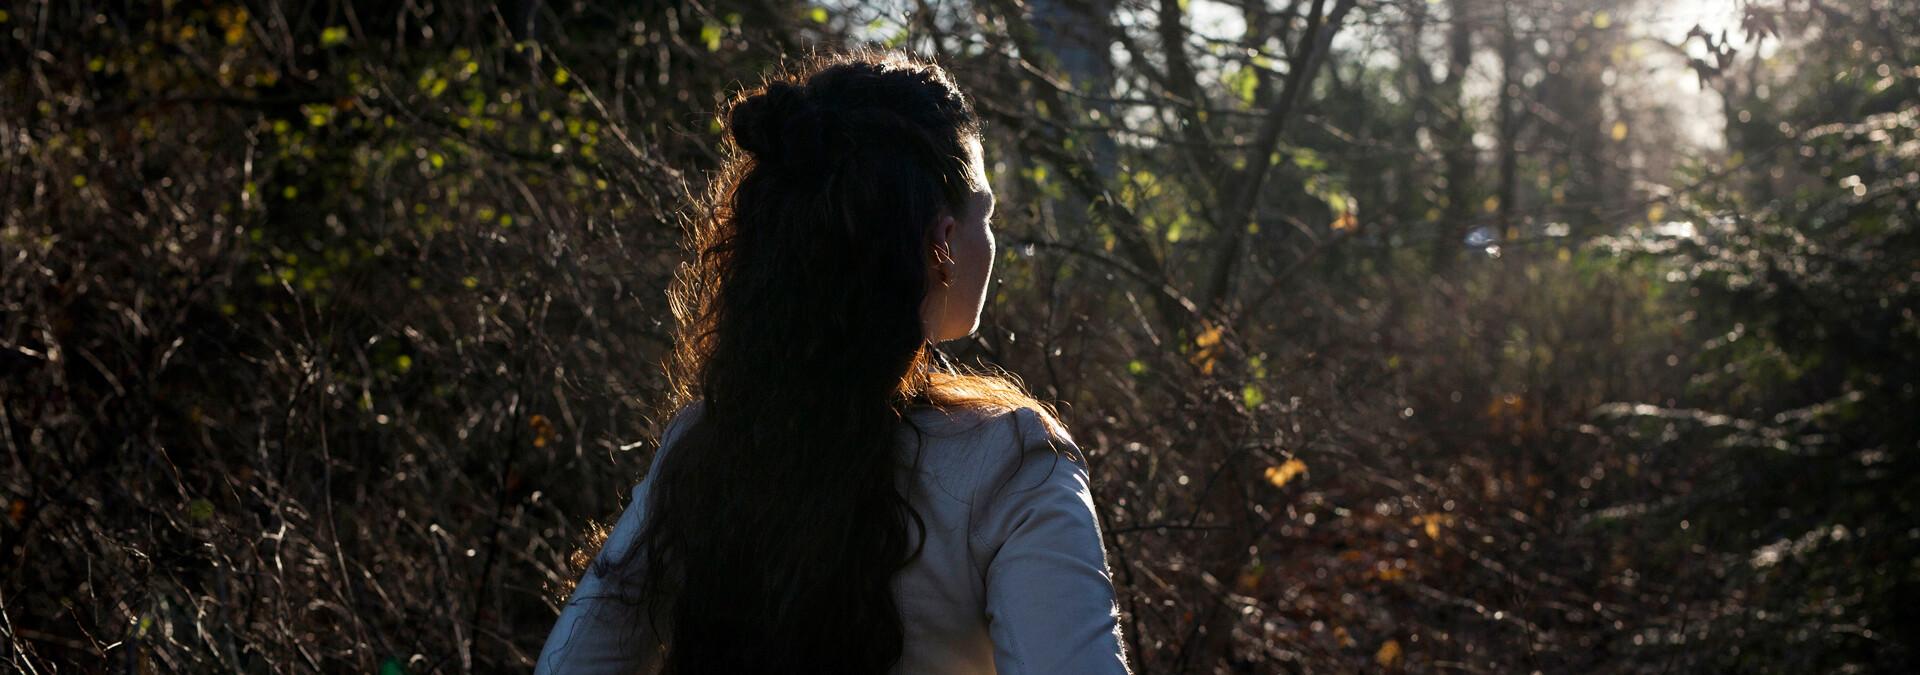 Anonym voldsudsat kvinde på krisecenter med sol i ansigtet